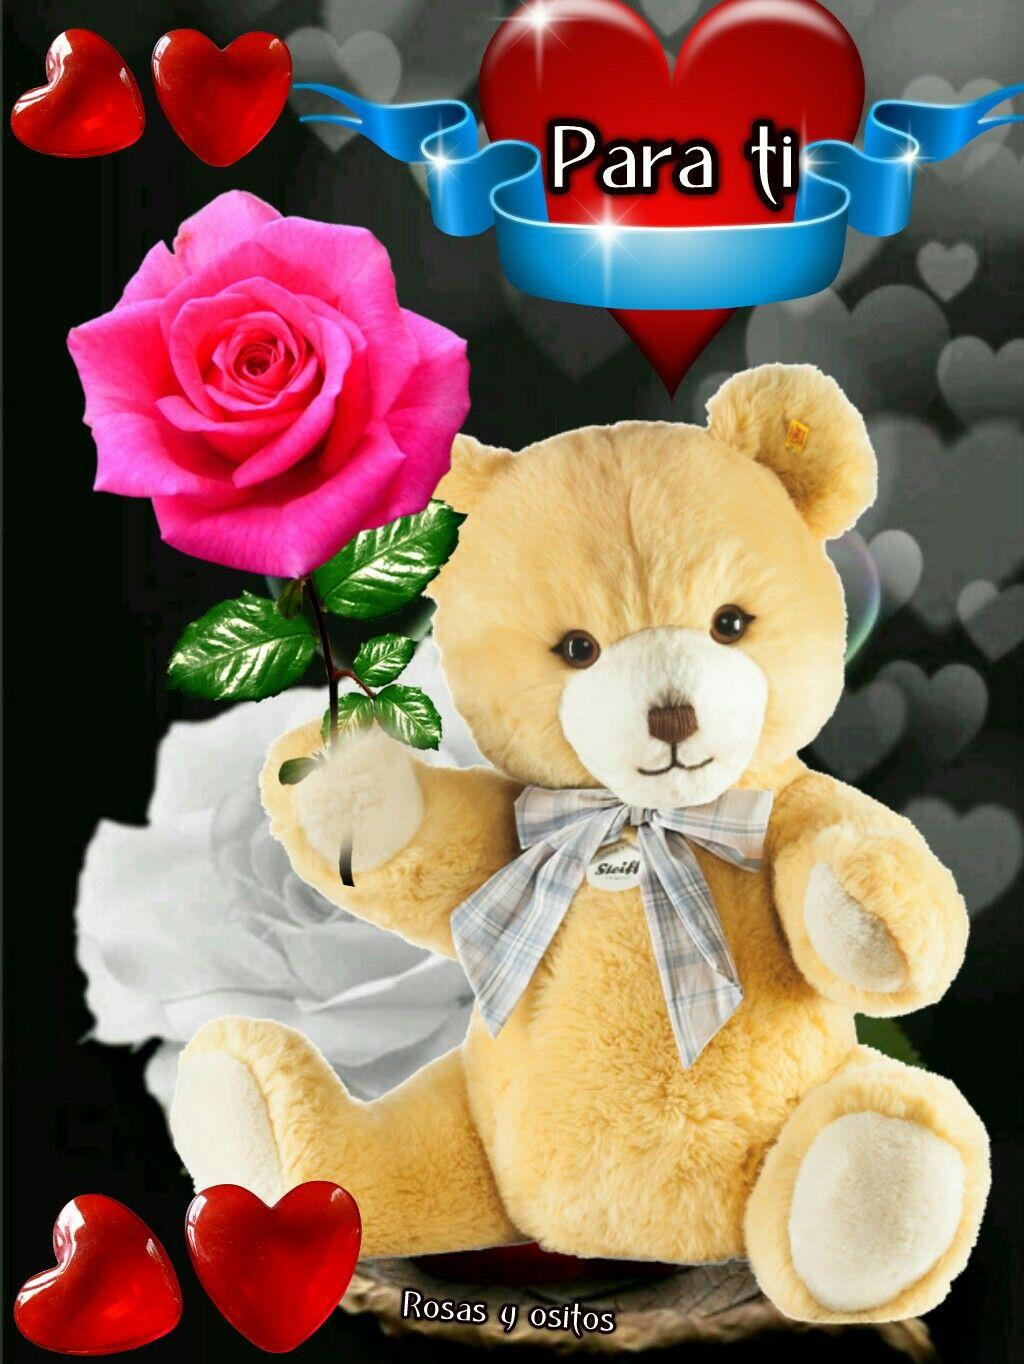 Poemas De Amor Osos Rosas Y Corazones Frases De Amor Good Night Blessings Happy Birthday Me Gods